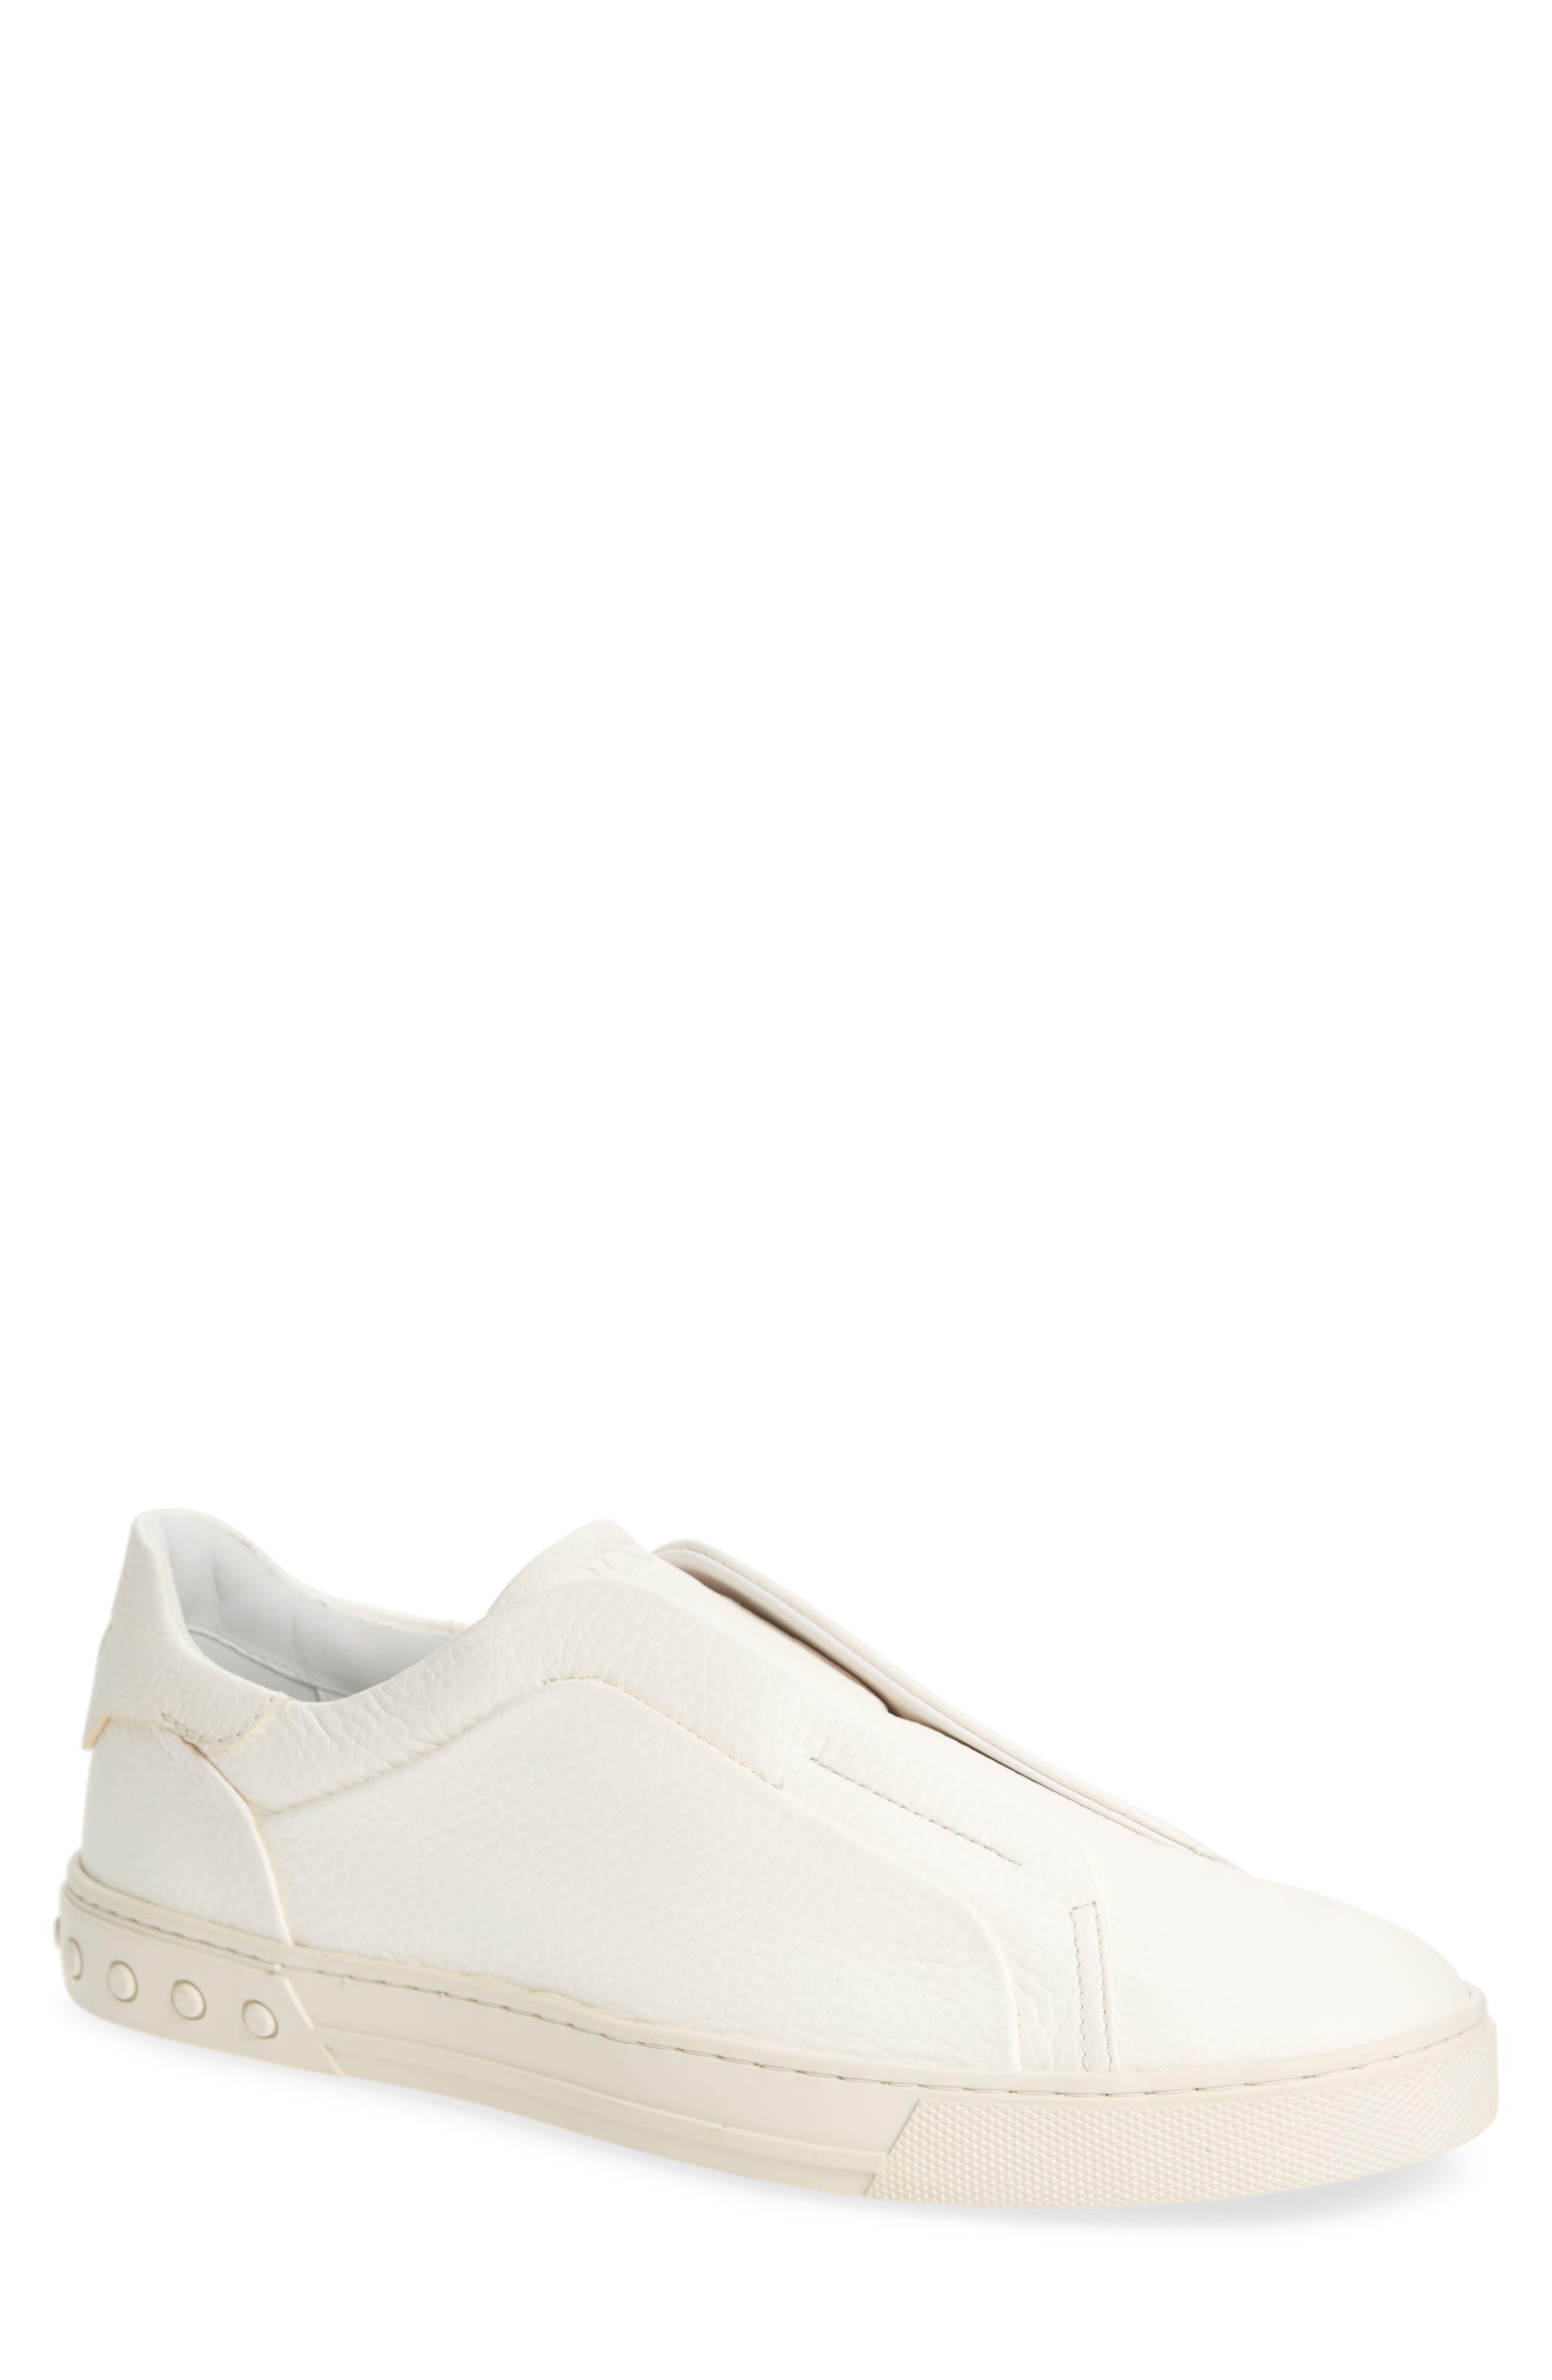 Cassetta Slip-on Sneaker,                             Main thumbnail 1, color,                             100